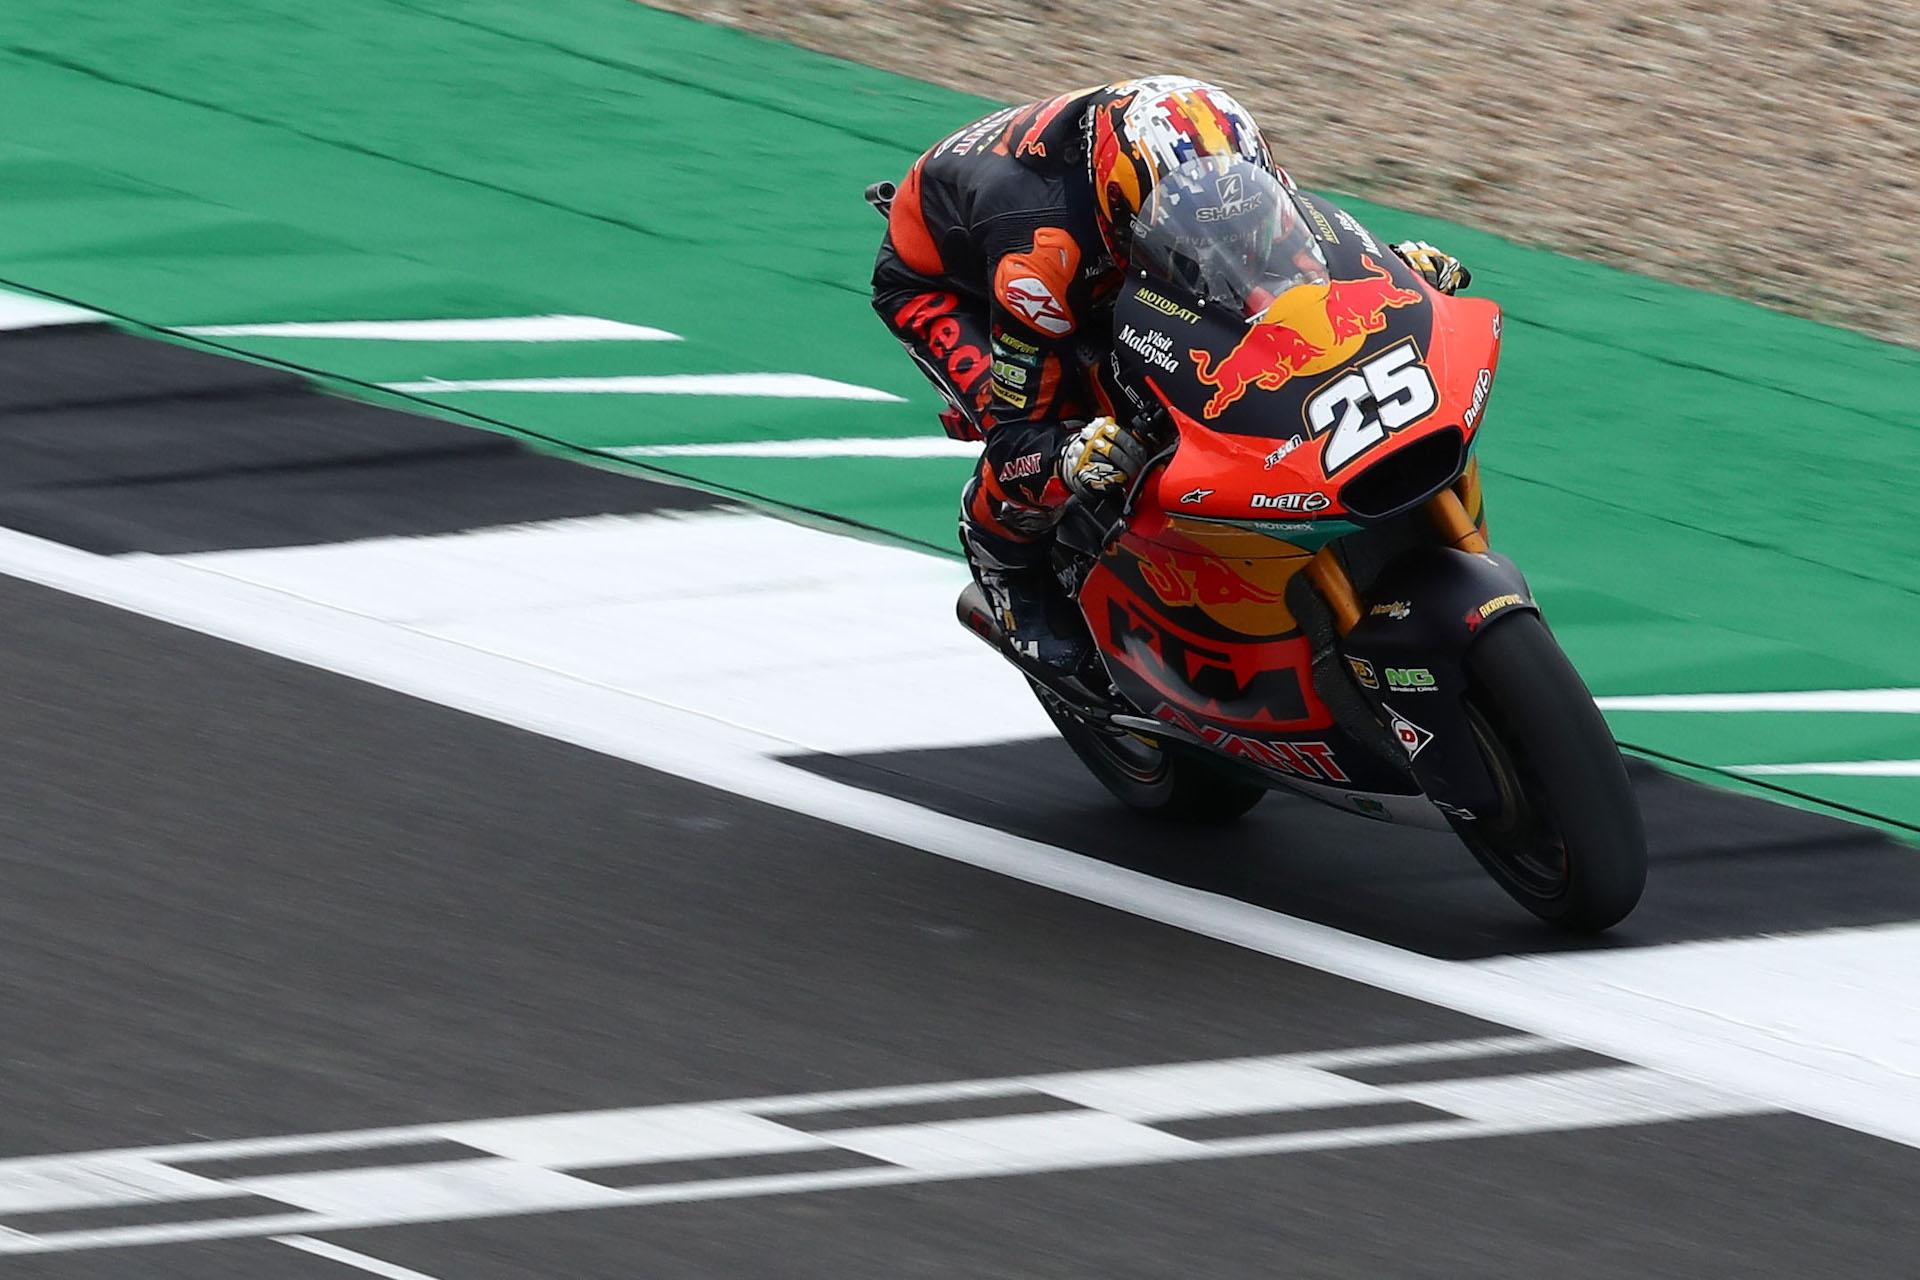 Moto2,  primera jornada en Silverstone: Raúl Fernández aprieta a Gadner. Clasificación combinada.